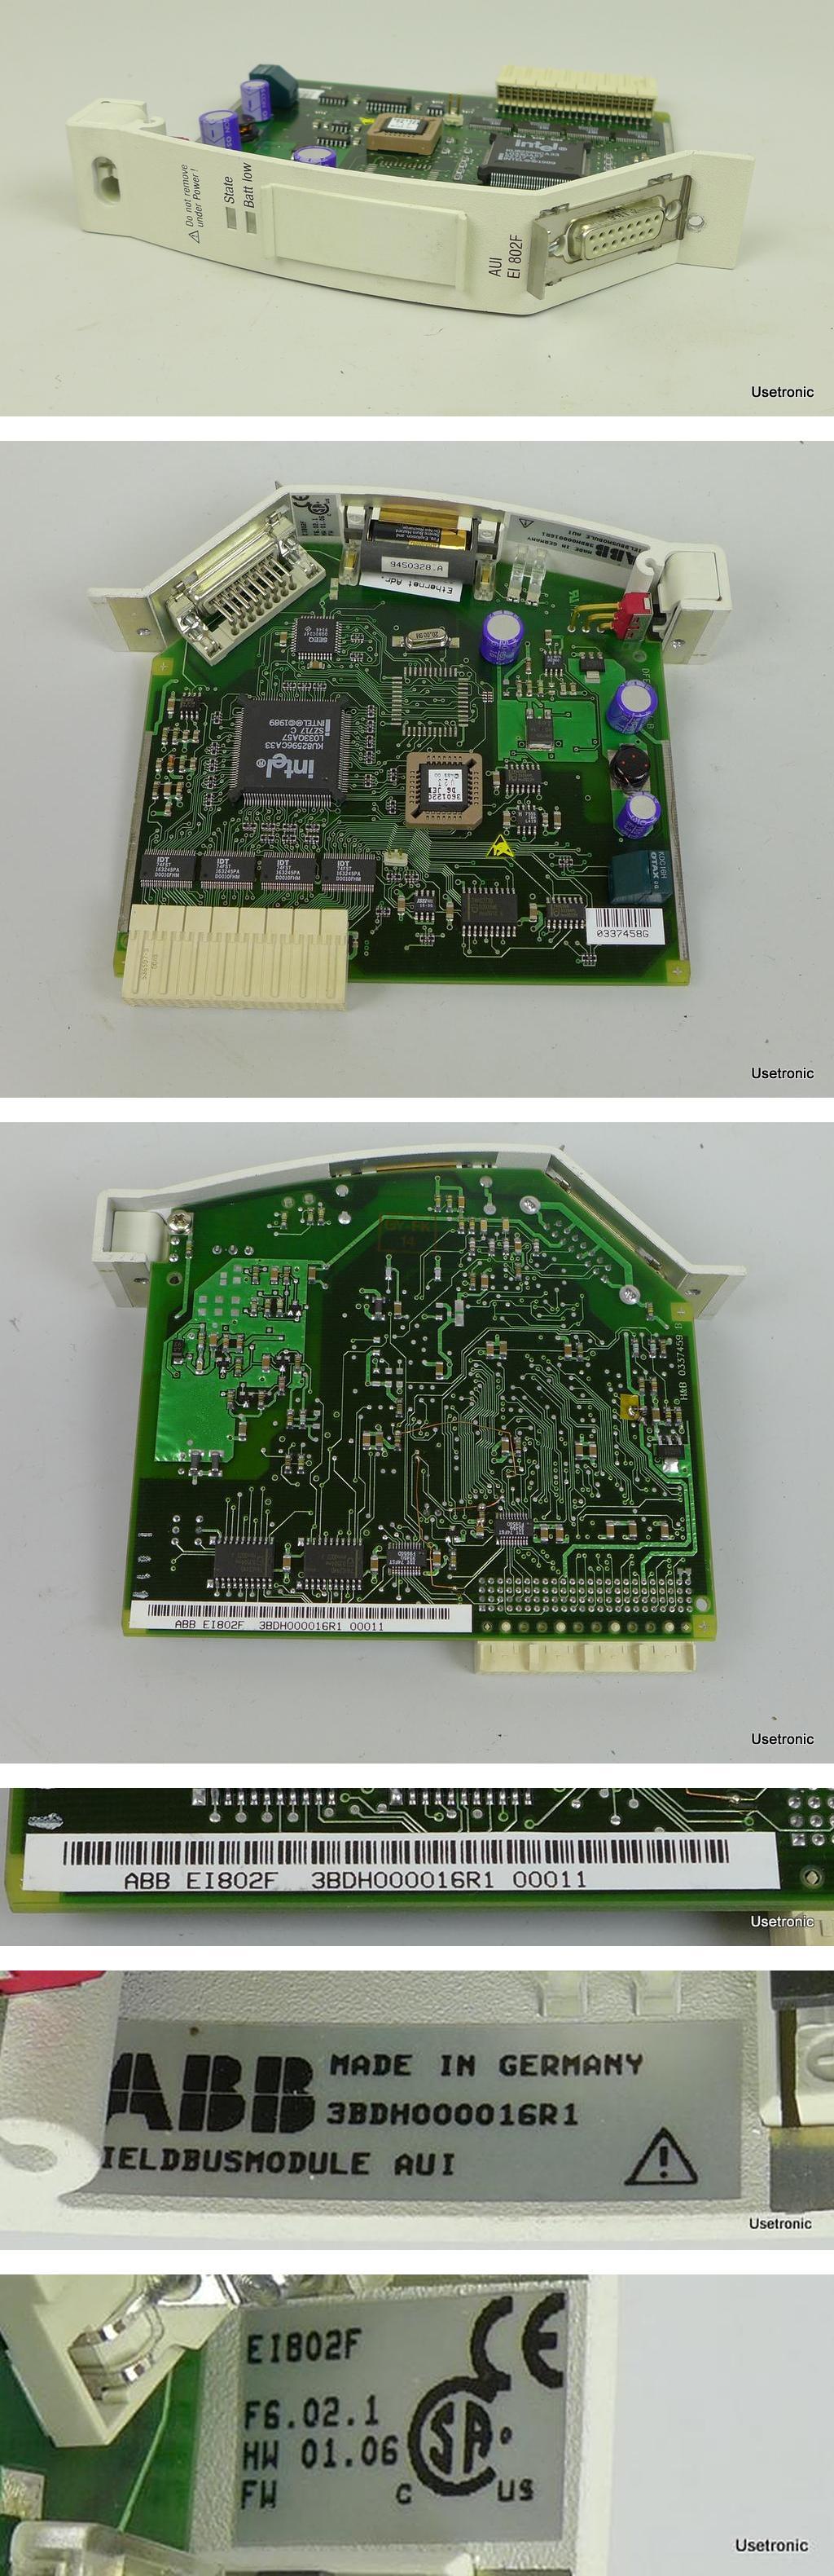 ABB AUI EI 802 F 3bdh000016r1